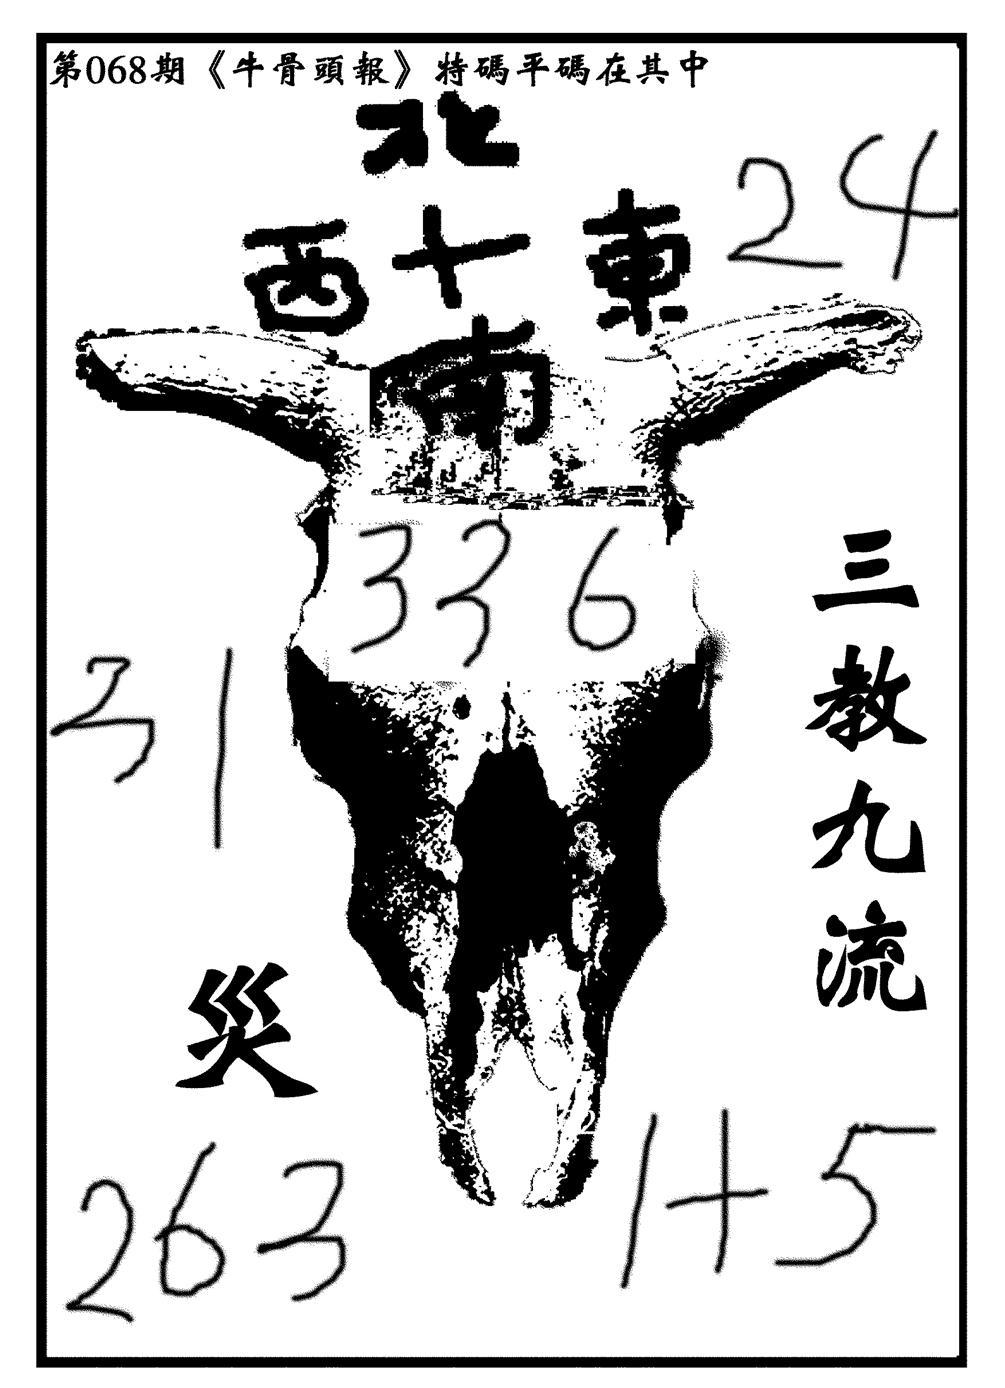 068期牛头报(黑白)